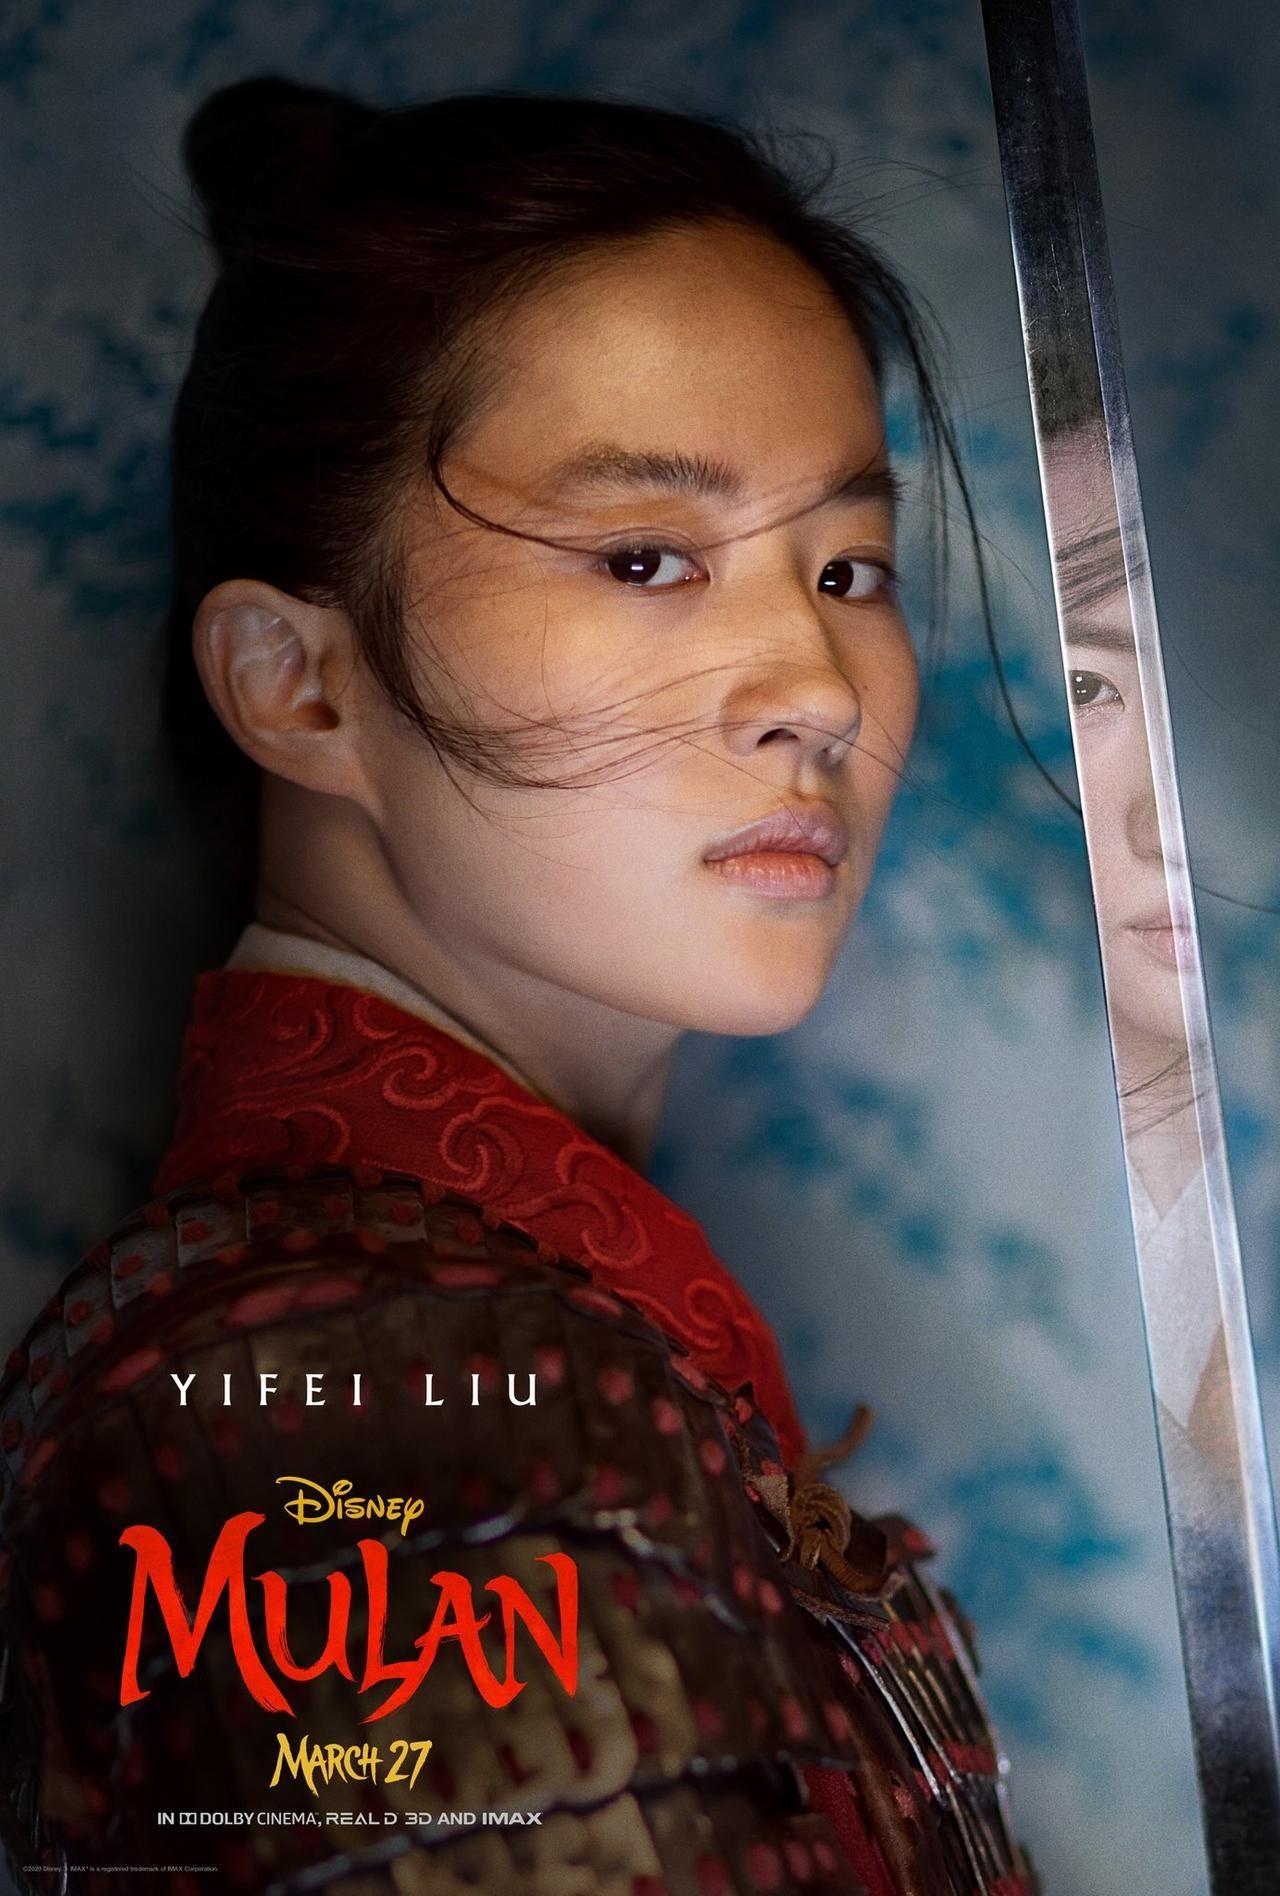 Liu Yifei As Hua Mulan In Mulan 2020 By Artlover67 On Deviantart Mulan Movie Hua Mulan Free Movies Online